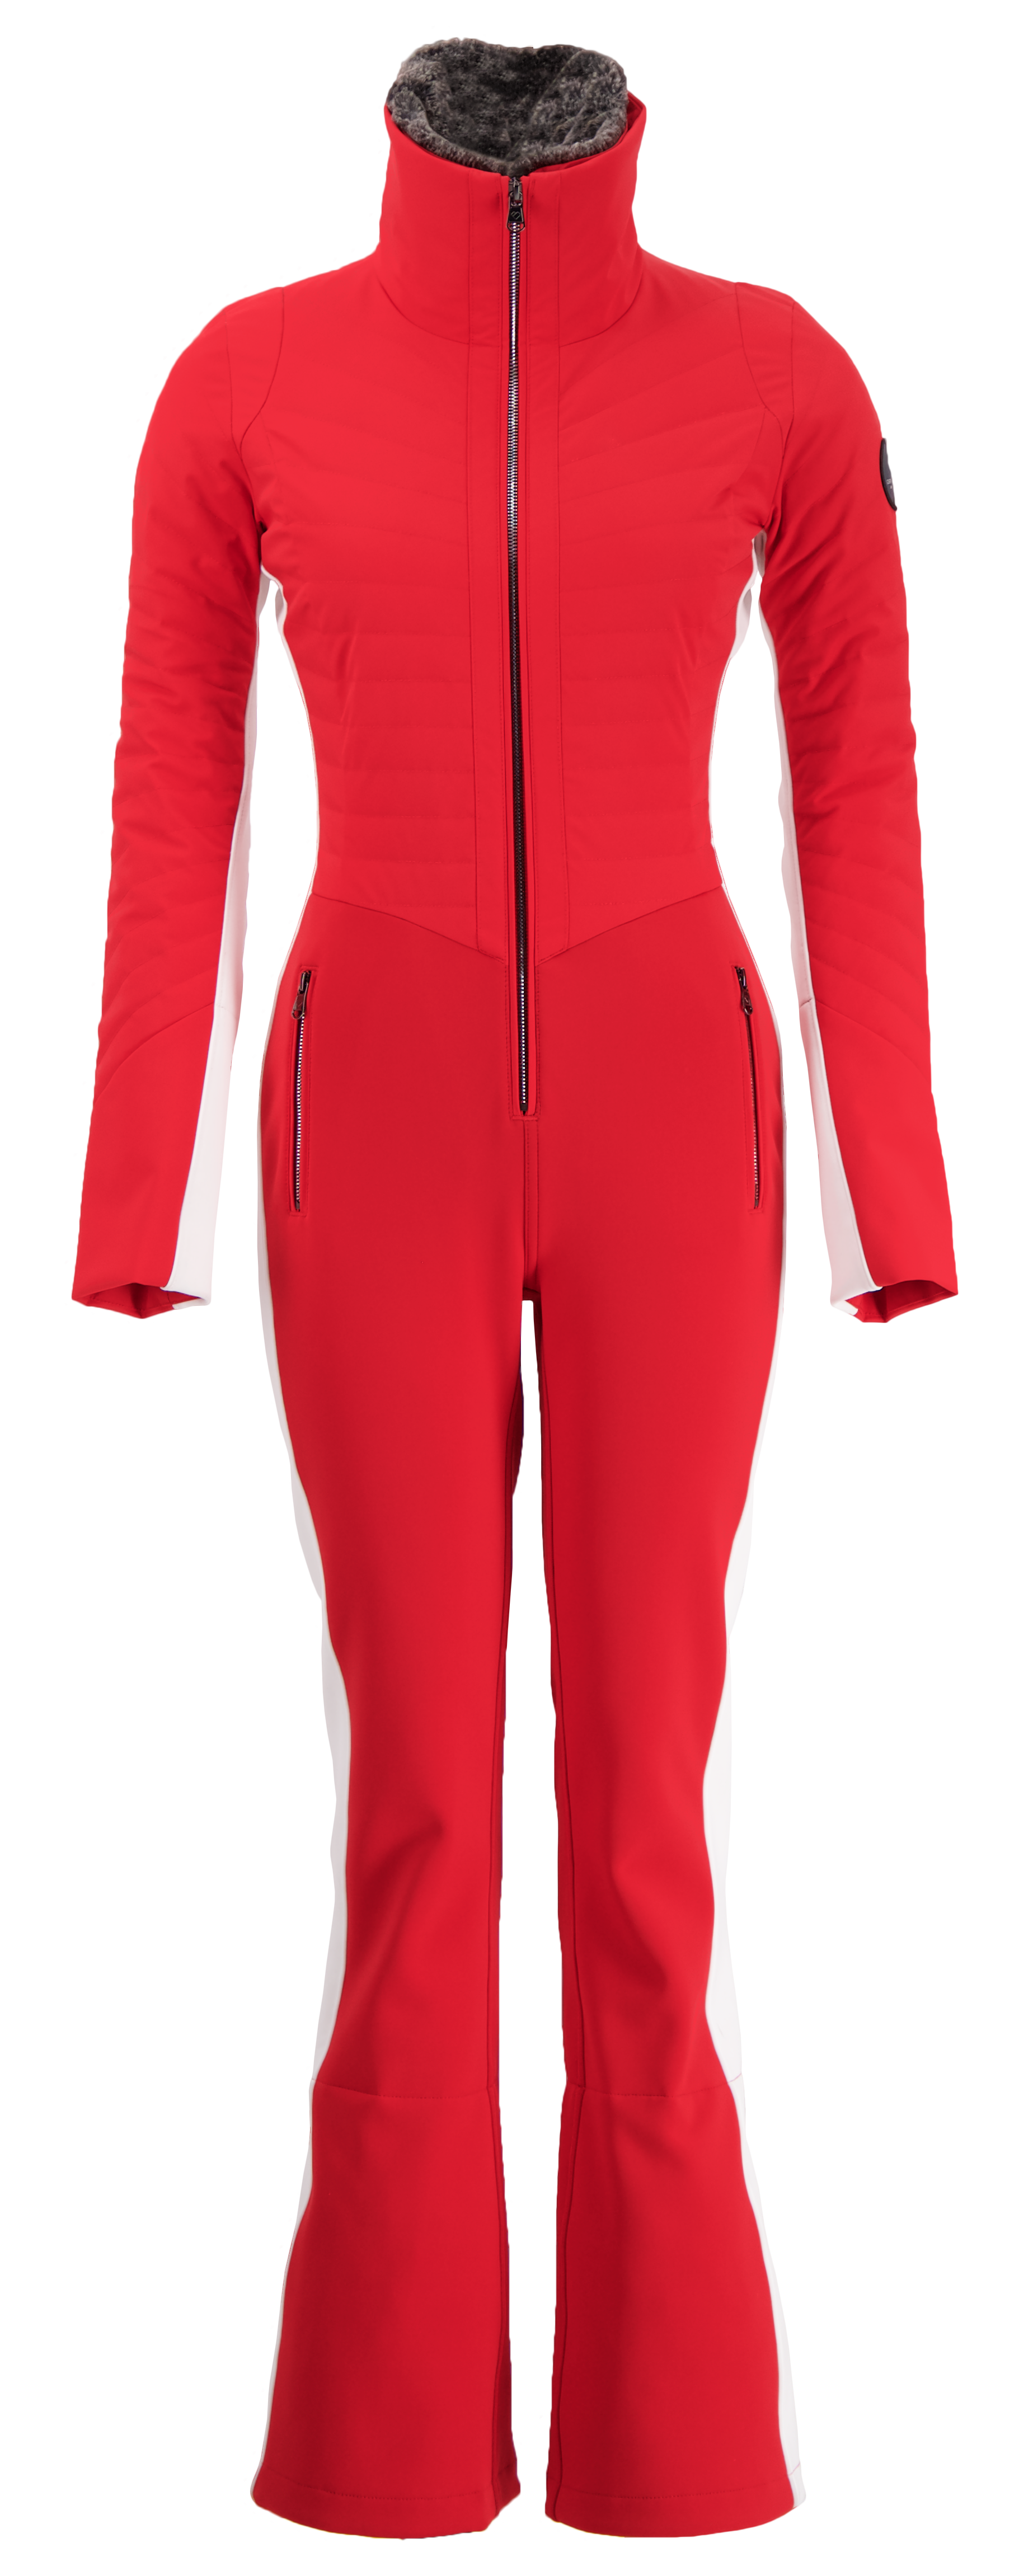 skn011402-koz slalom